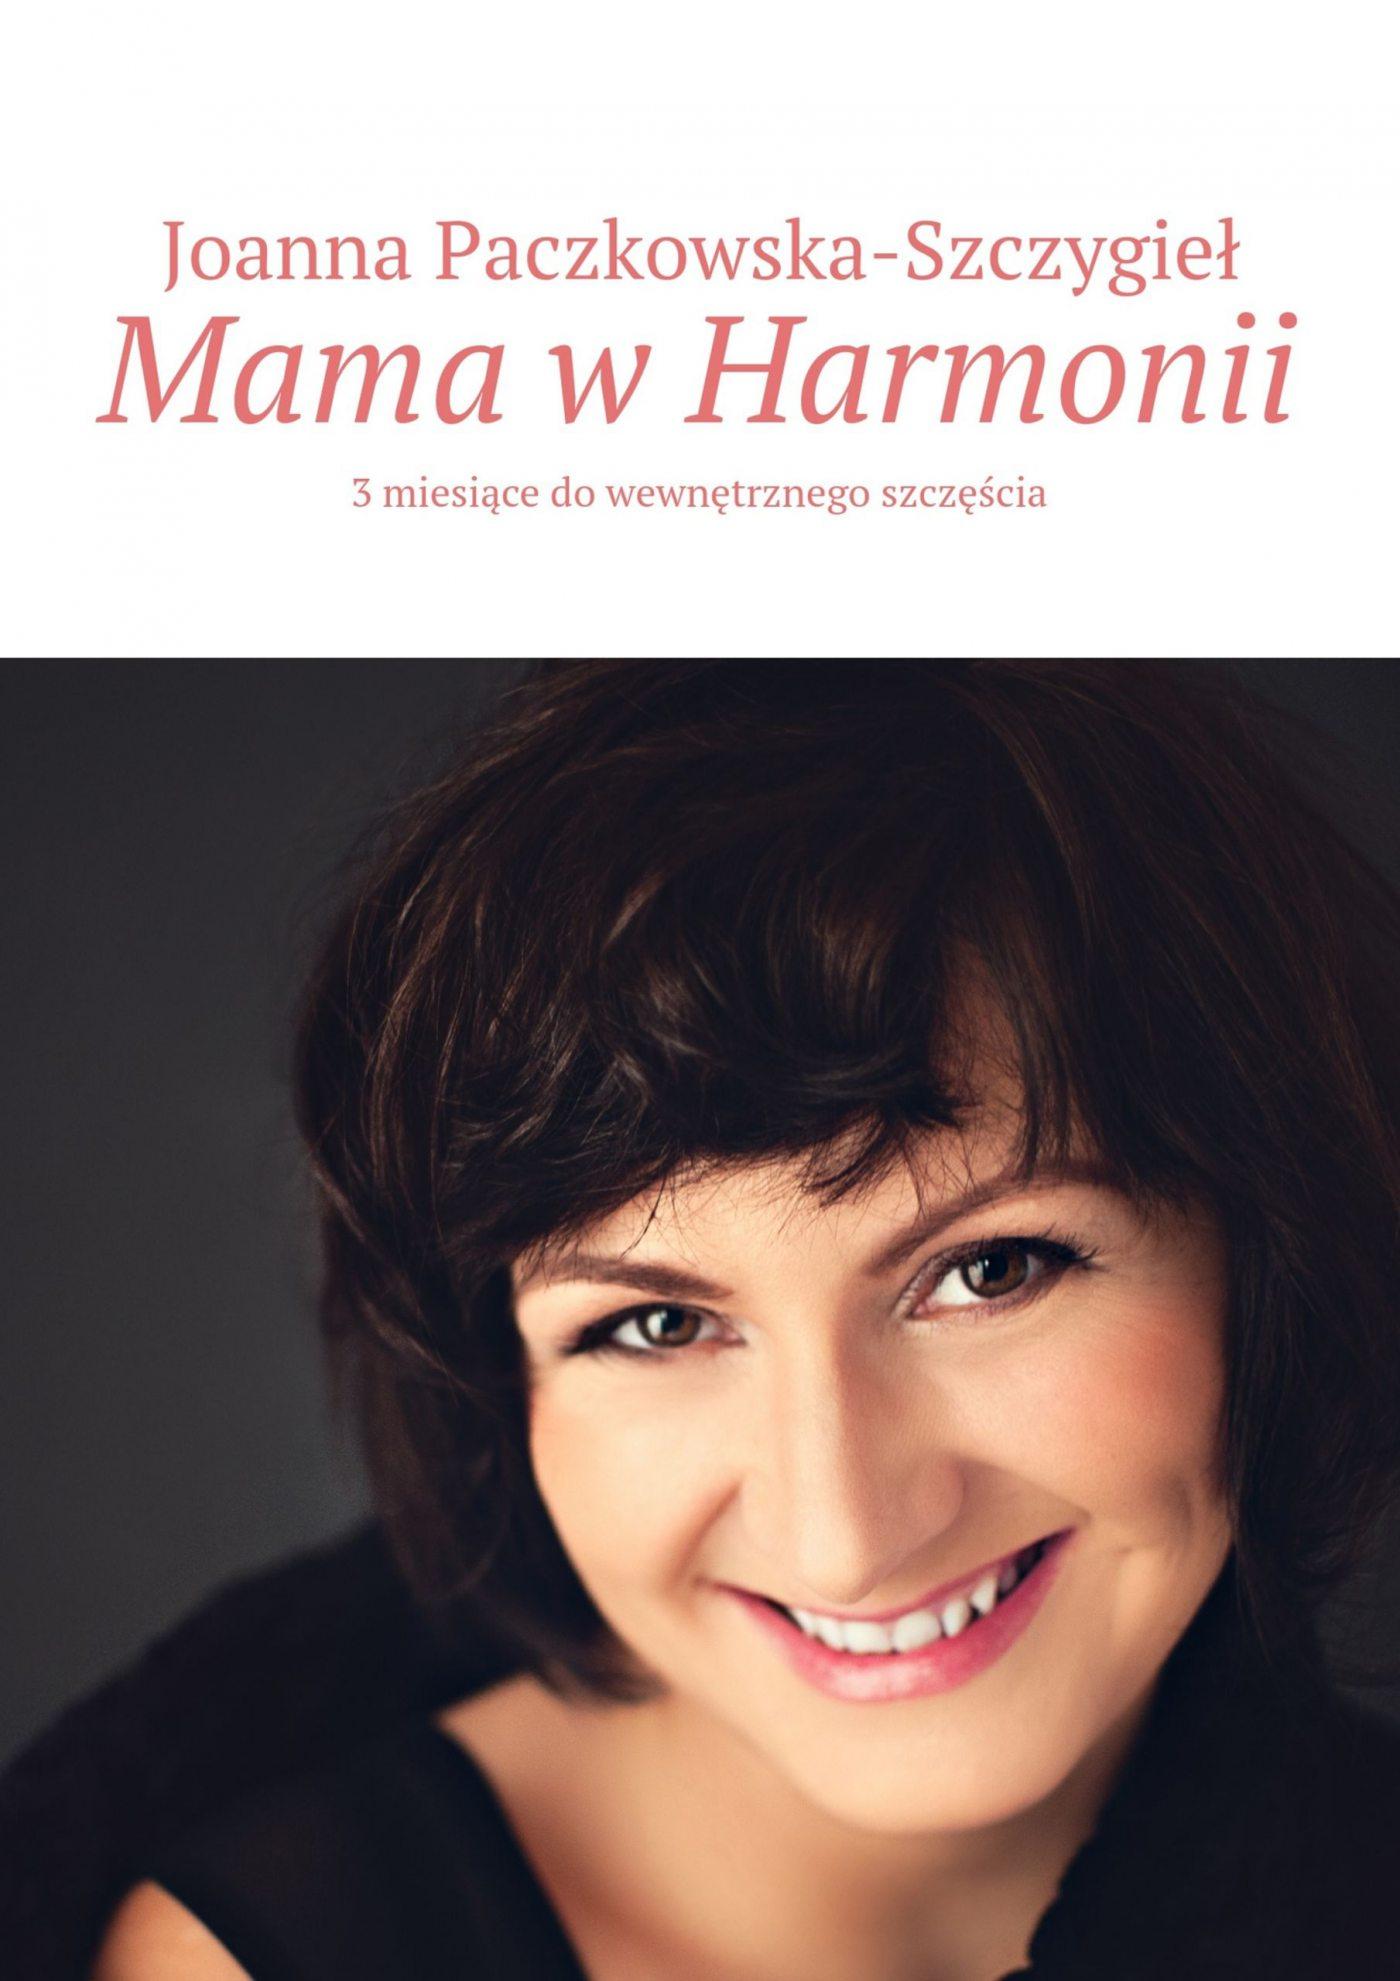 Mama w harmonii - Ebook (Książka EPUB) do pobrania w formacie EPUB